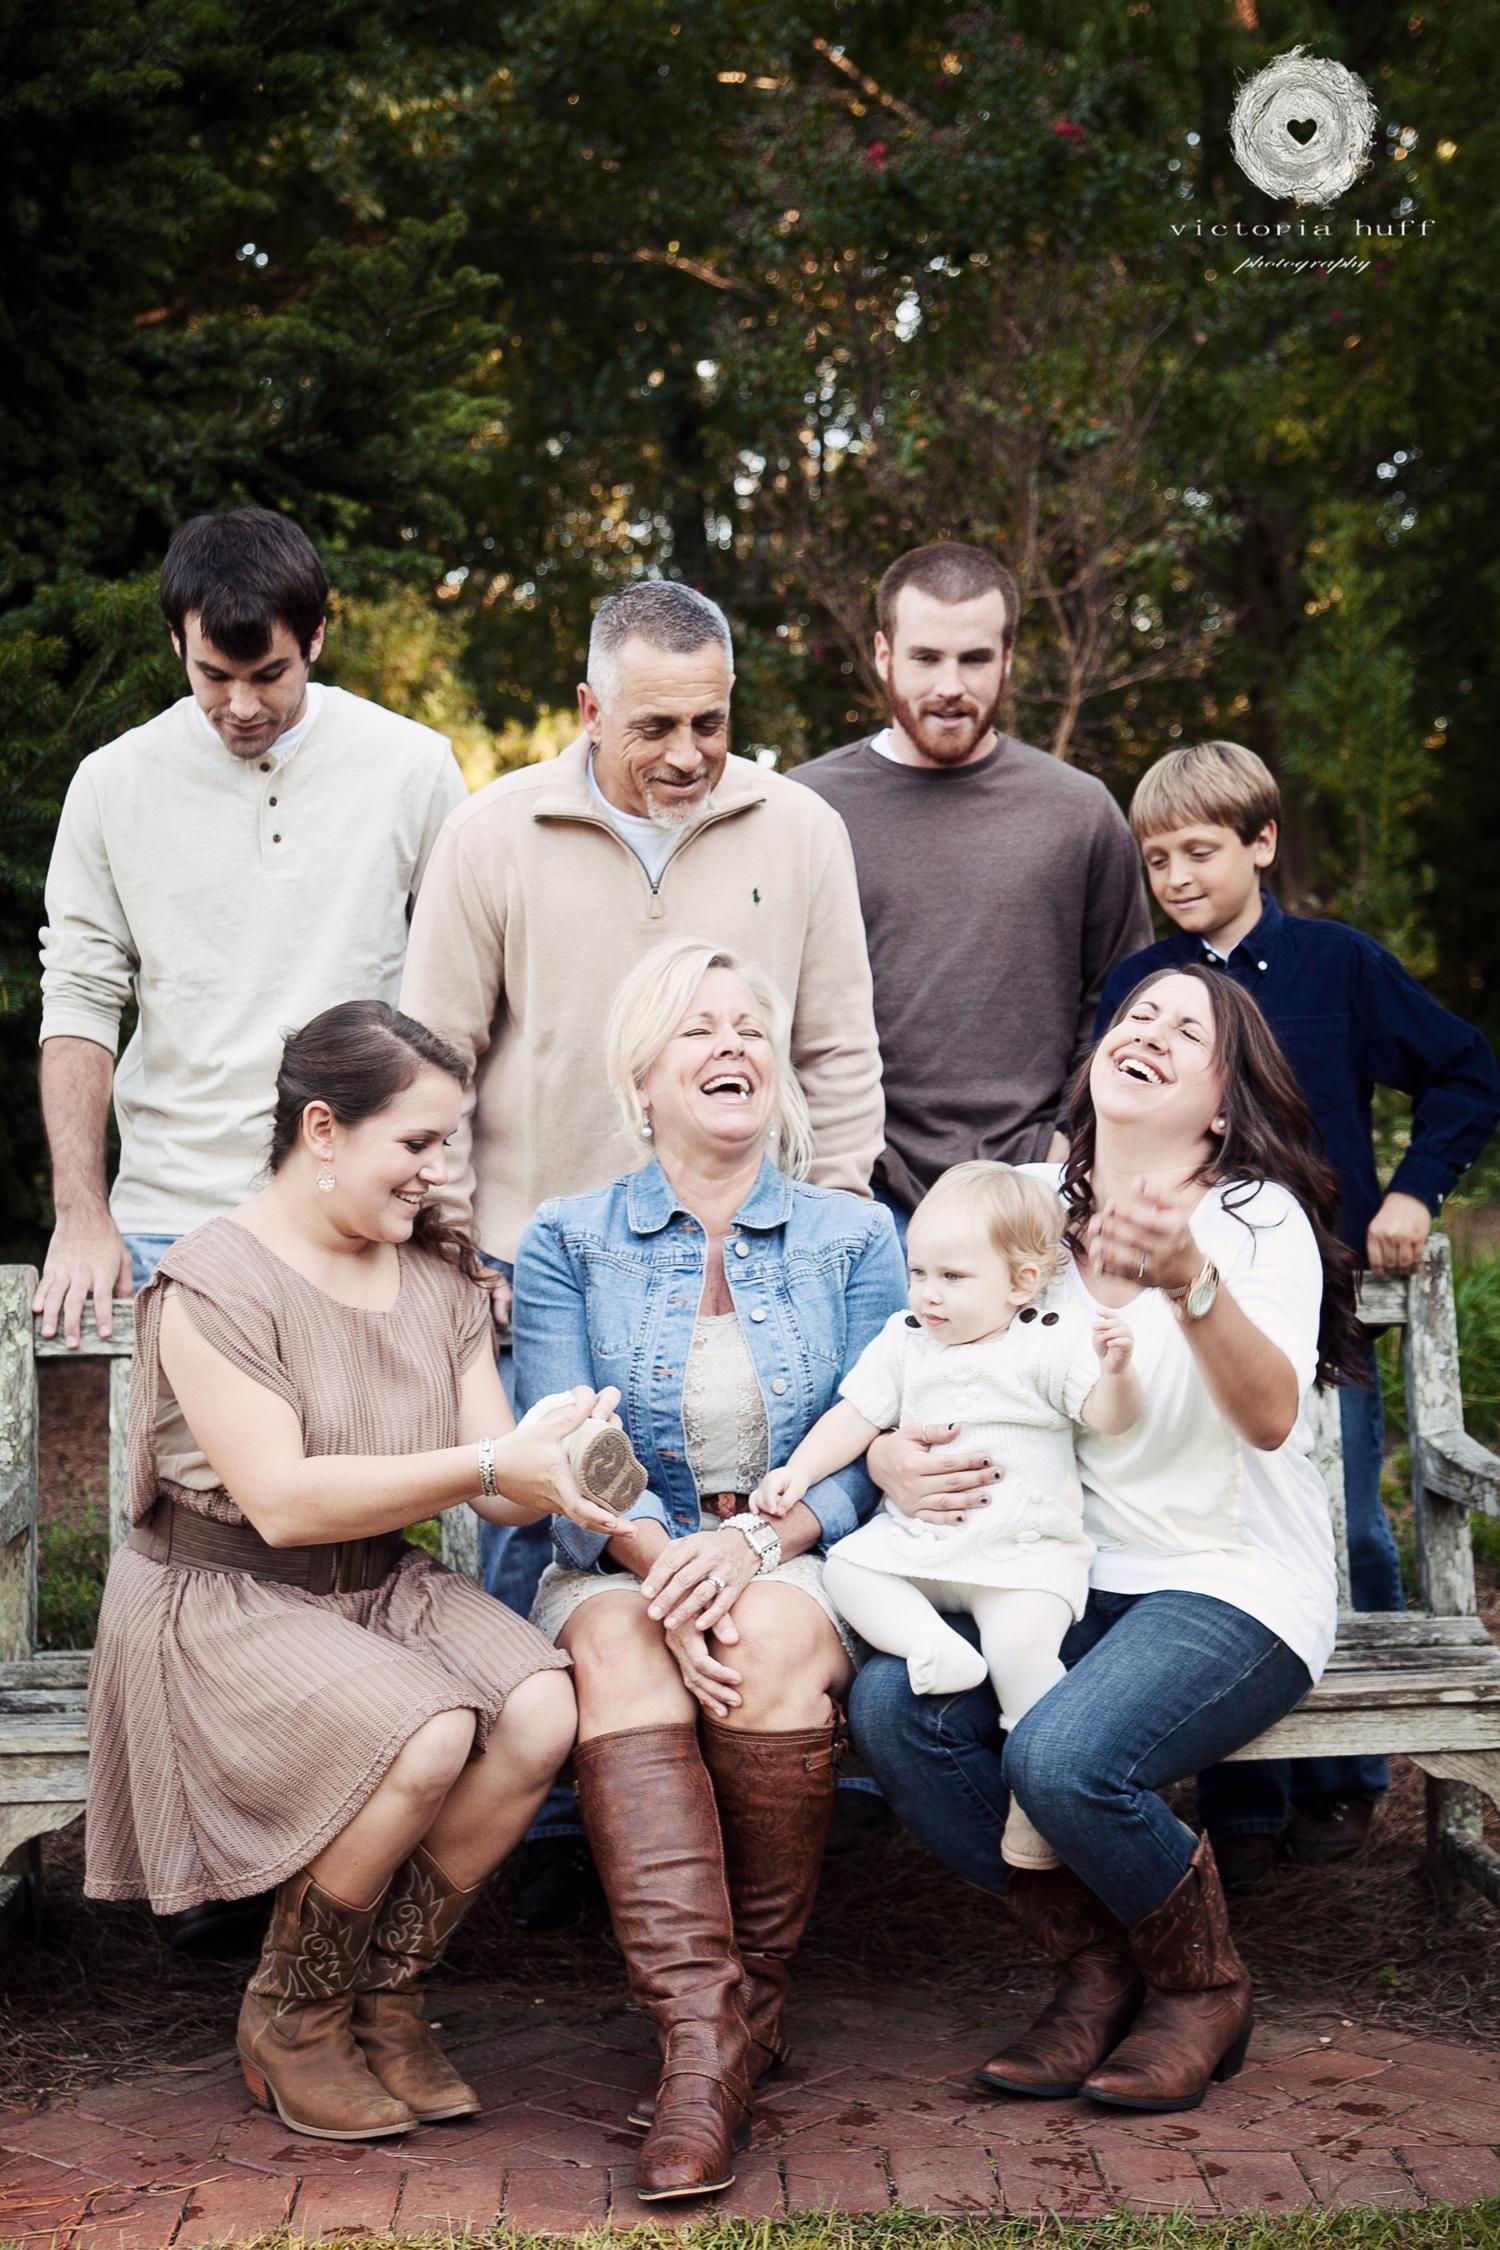 Thurston-Rizzi-Family-Photography-Athens-Georgia-Botanical-Gardens002w.jpg